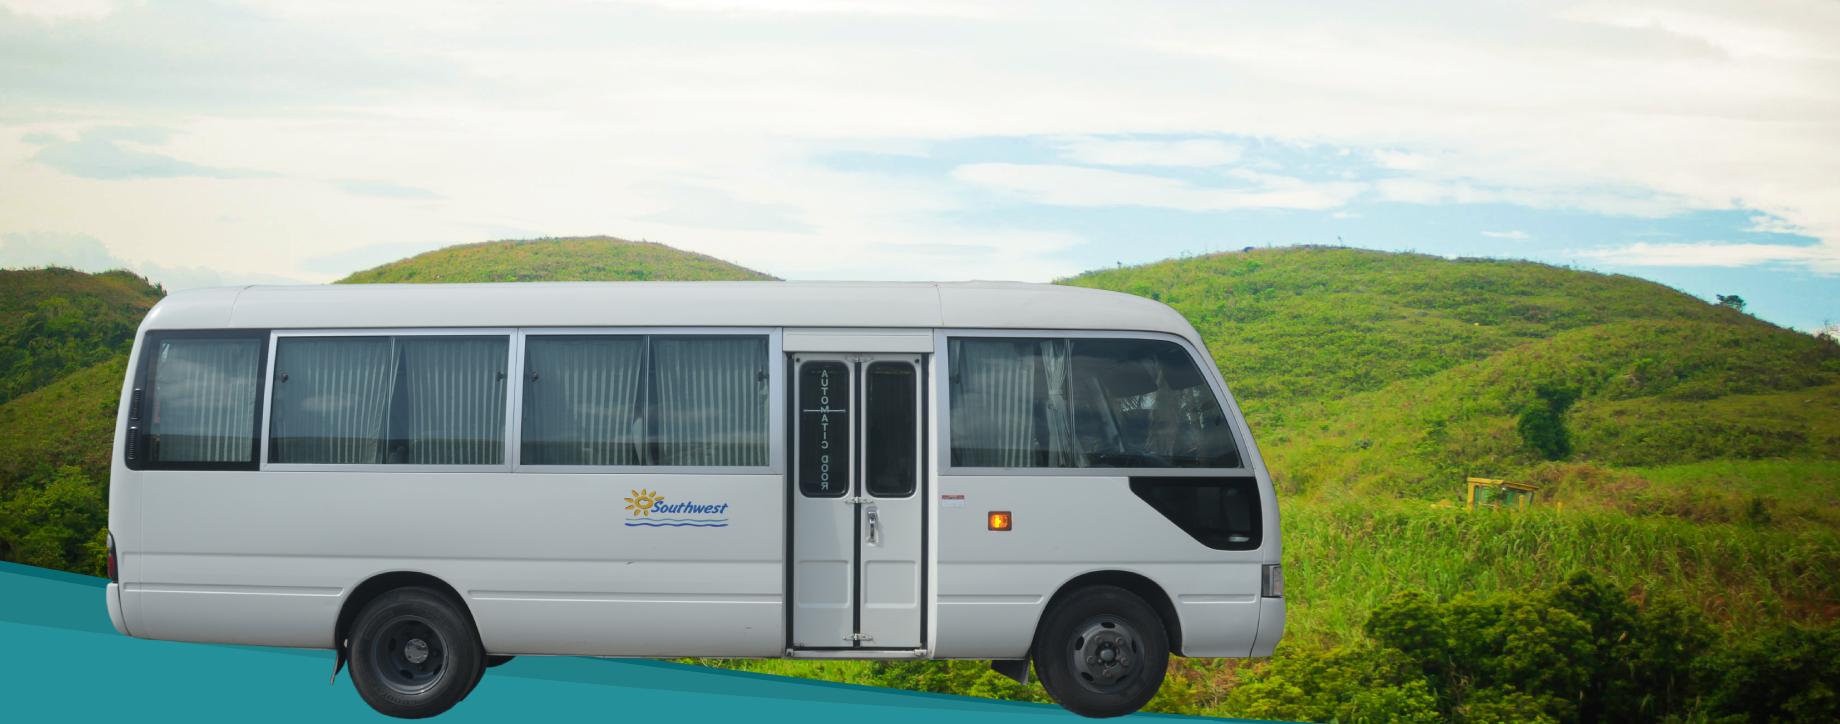 Bacolod City to Binalbagan/La Castellana Private Minibus Transfer